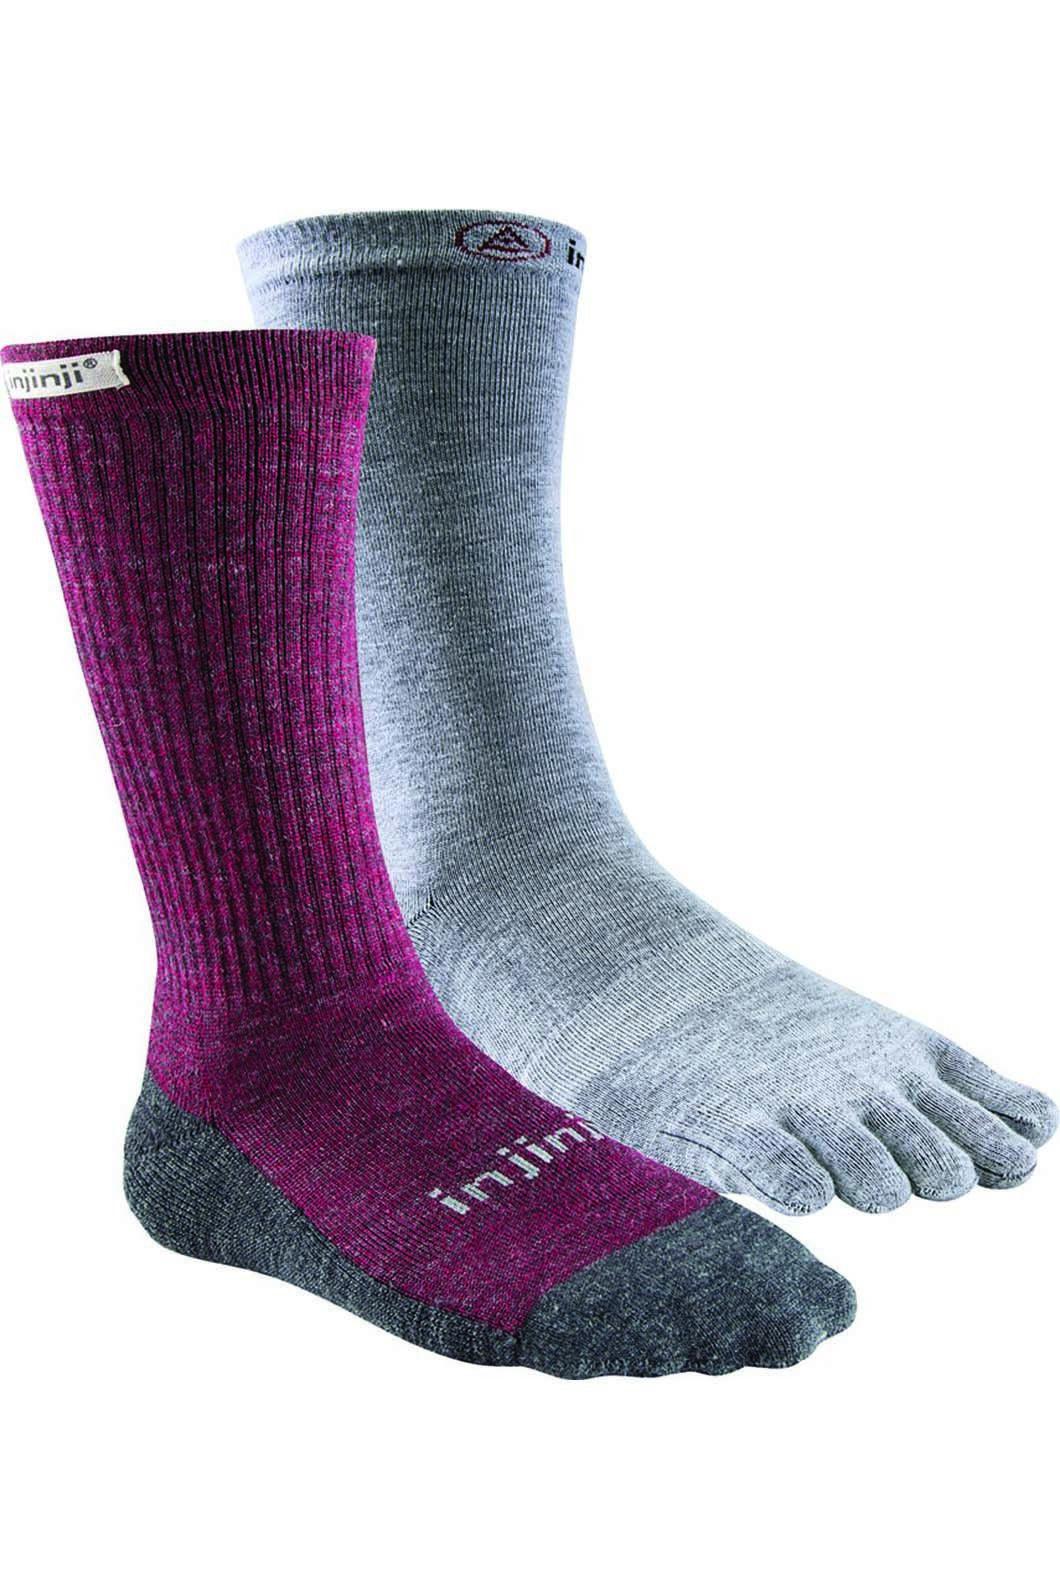 Injinji Women's Hiker and Sock Liner, MAROON, hi-res